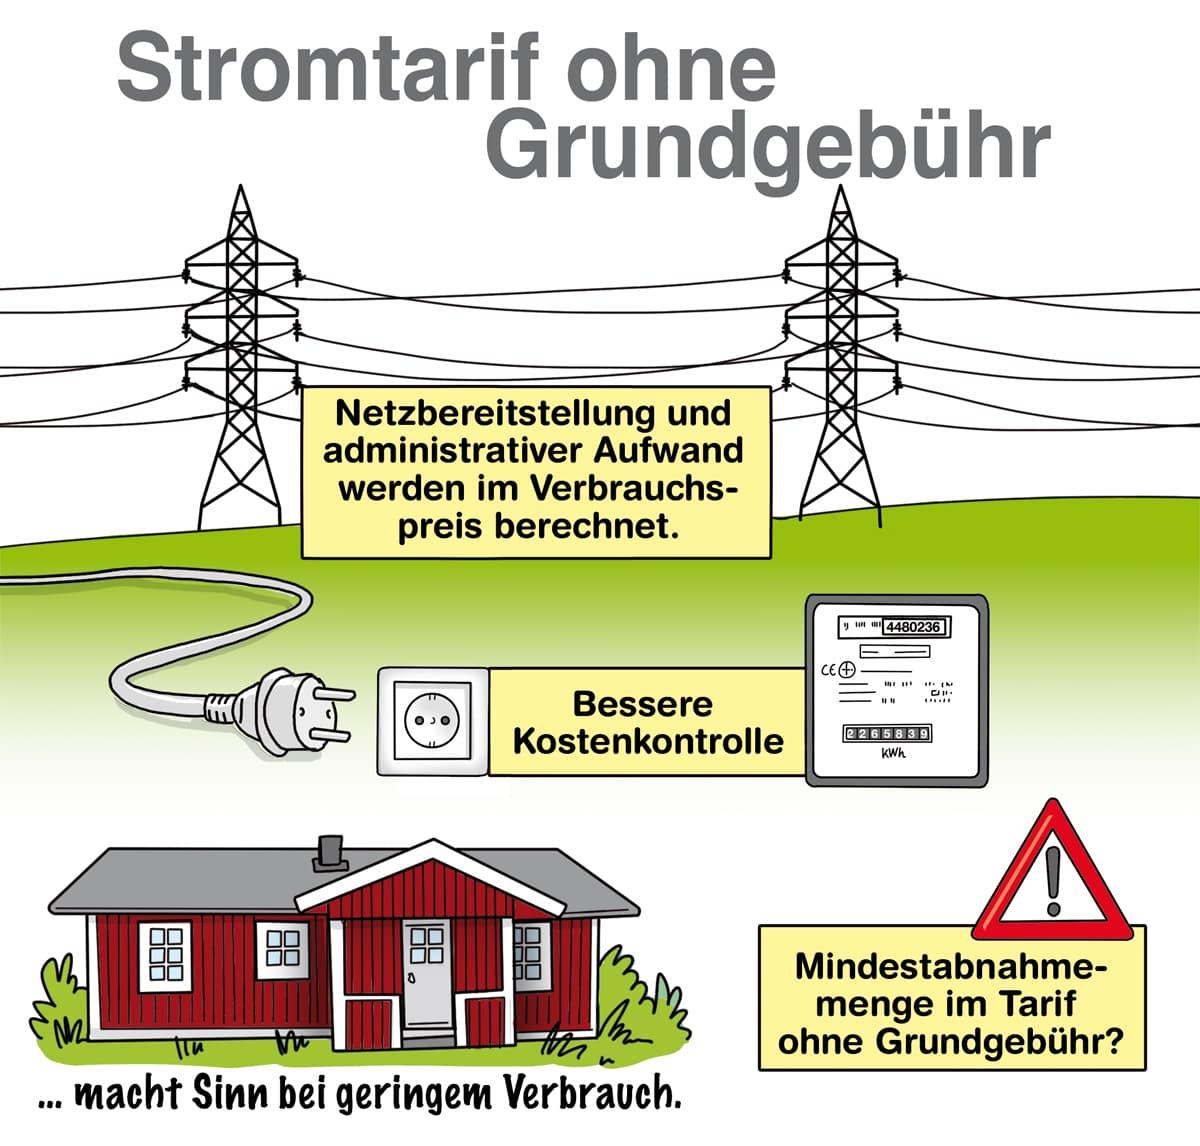 Stromtarife ohne Grundgebühr